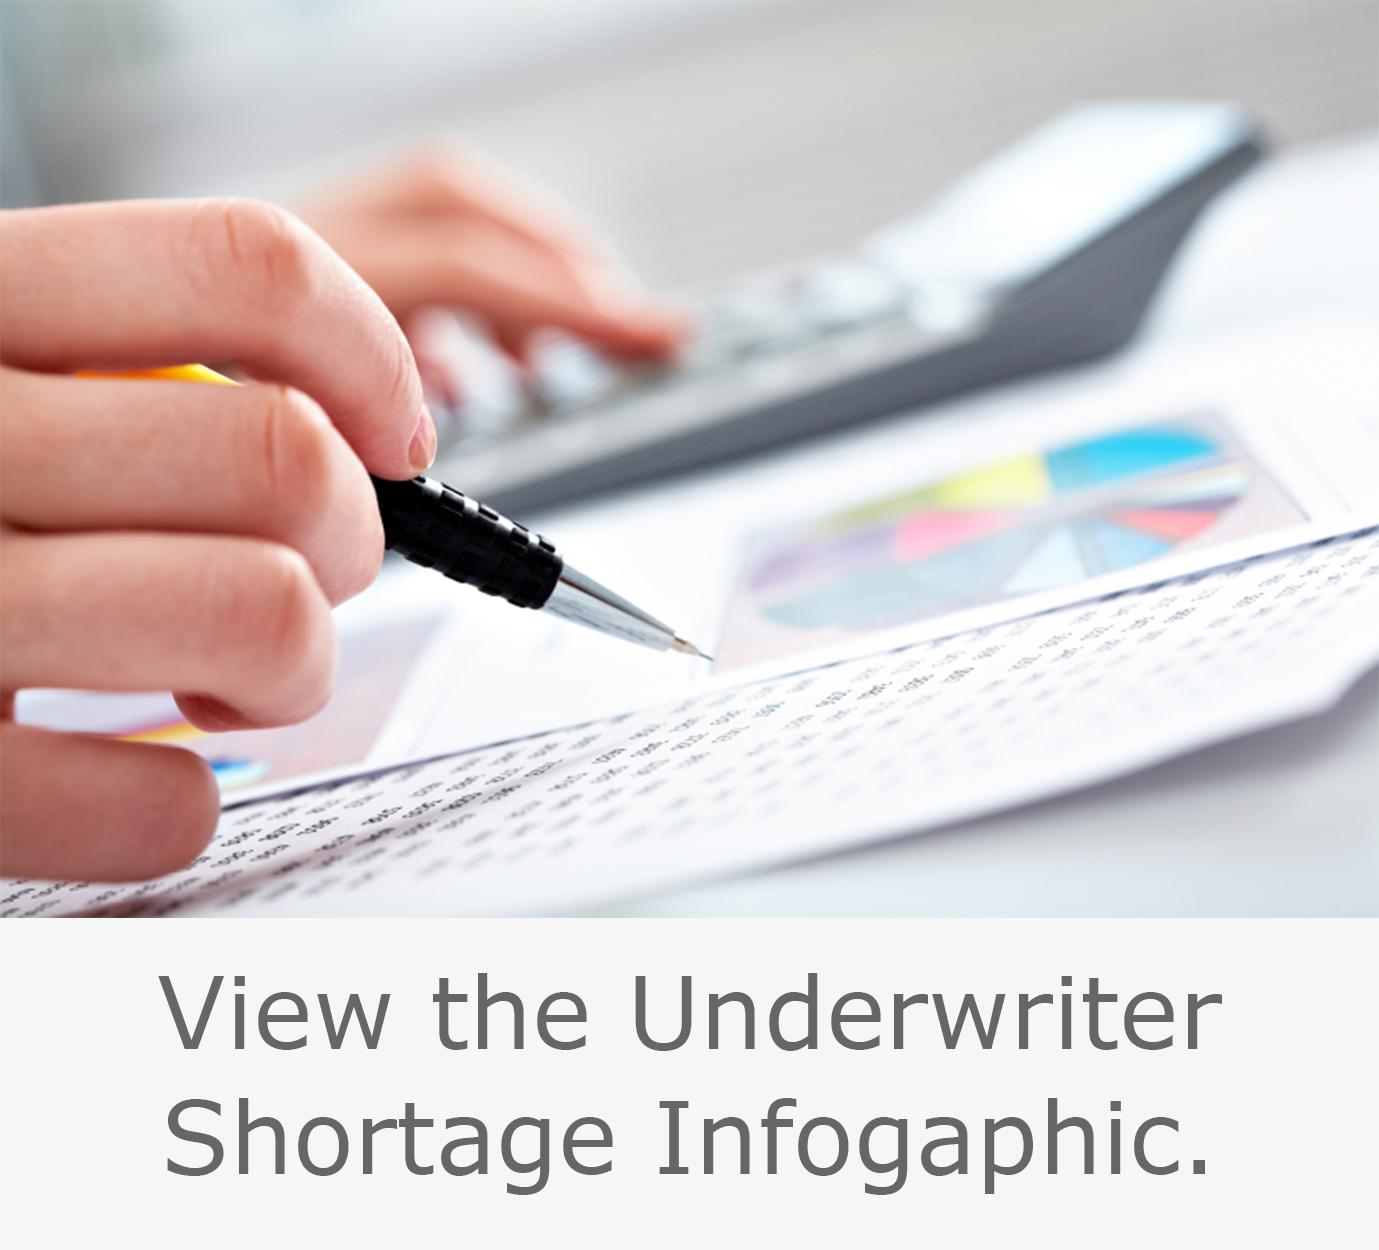 UnderwritingInfographic